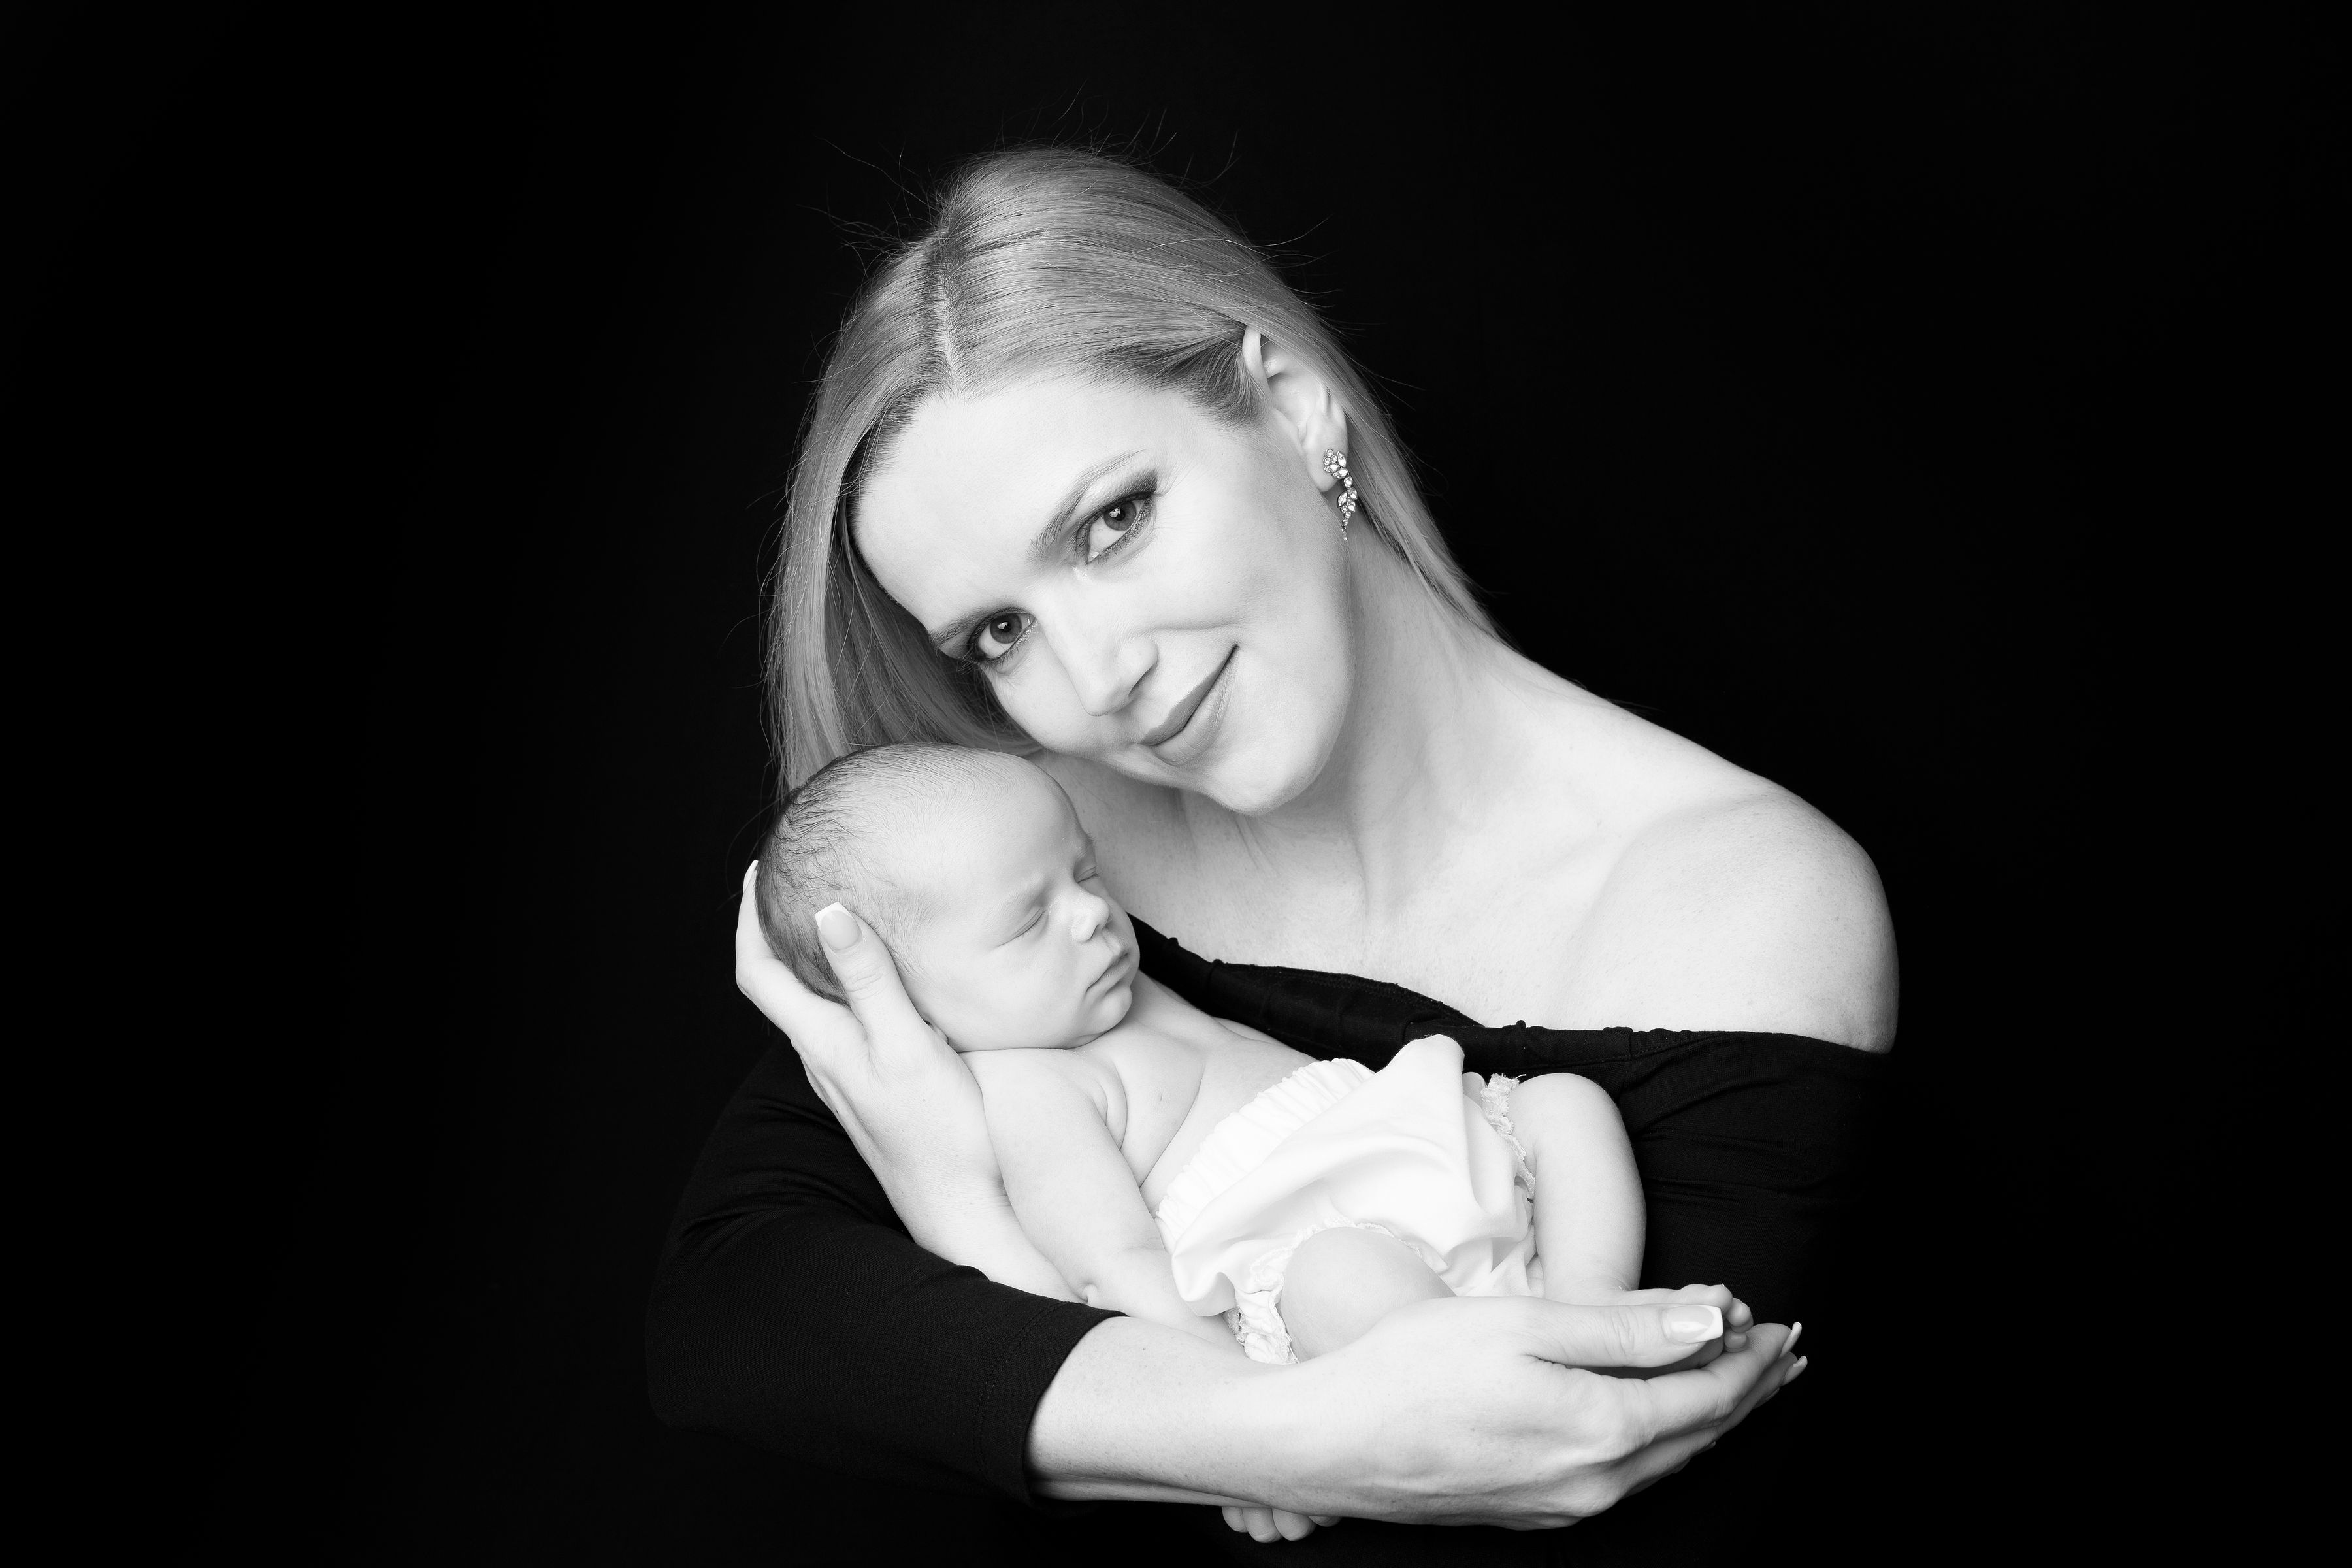 Az újszülött fotózás ( szigorúan 14 napos korig) az egyik legszebb dolog a világon, külön művészet. De  nagy odafigyelést és tapasztalatot igényel. Három gyermekes anyukaként ezt saját magam is megtapasztaltam.